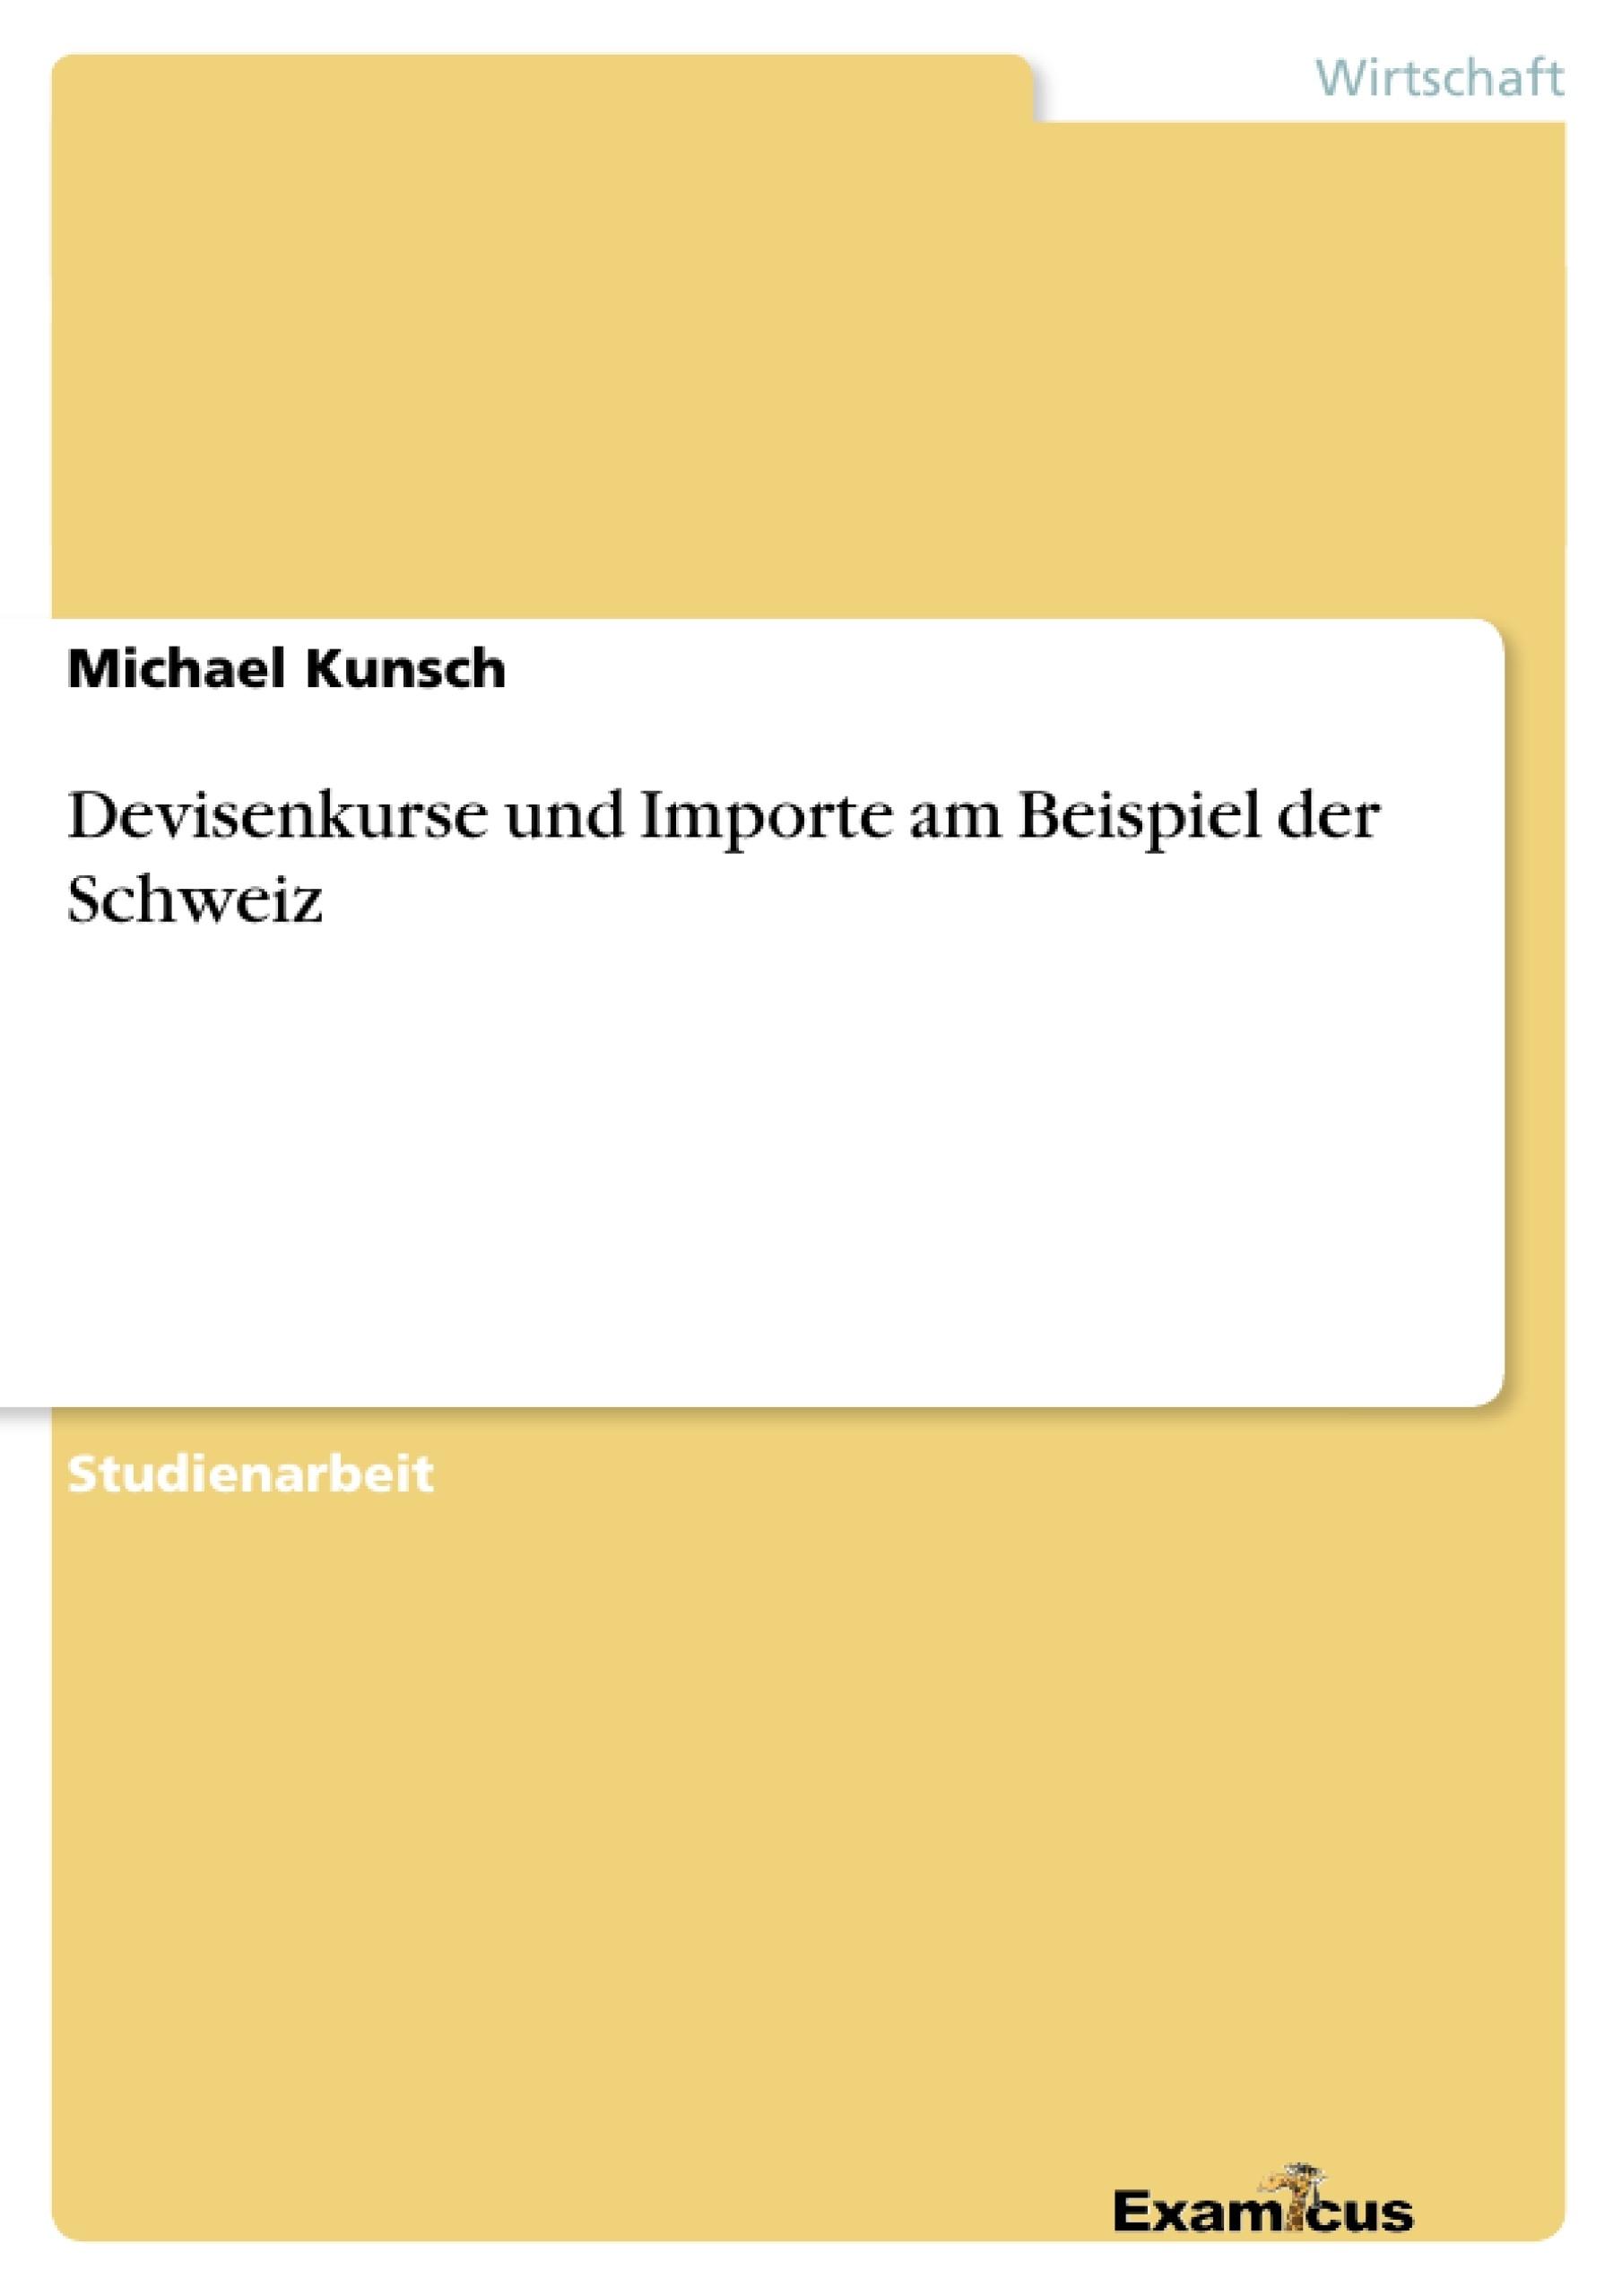 Titel: Devisenkurse und Importe am Beispiel der Schweiz